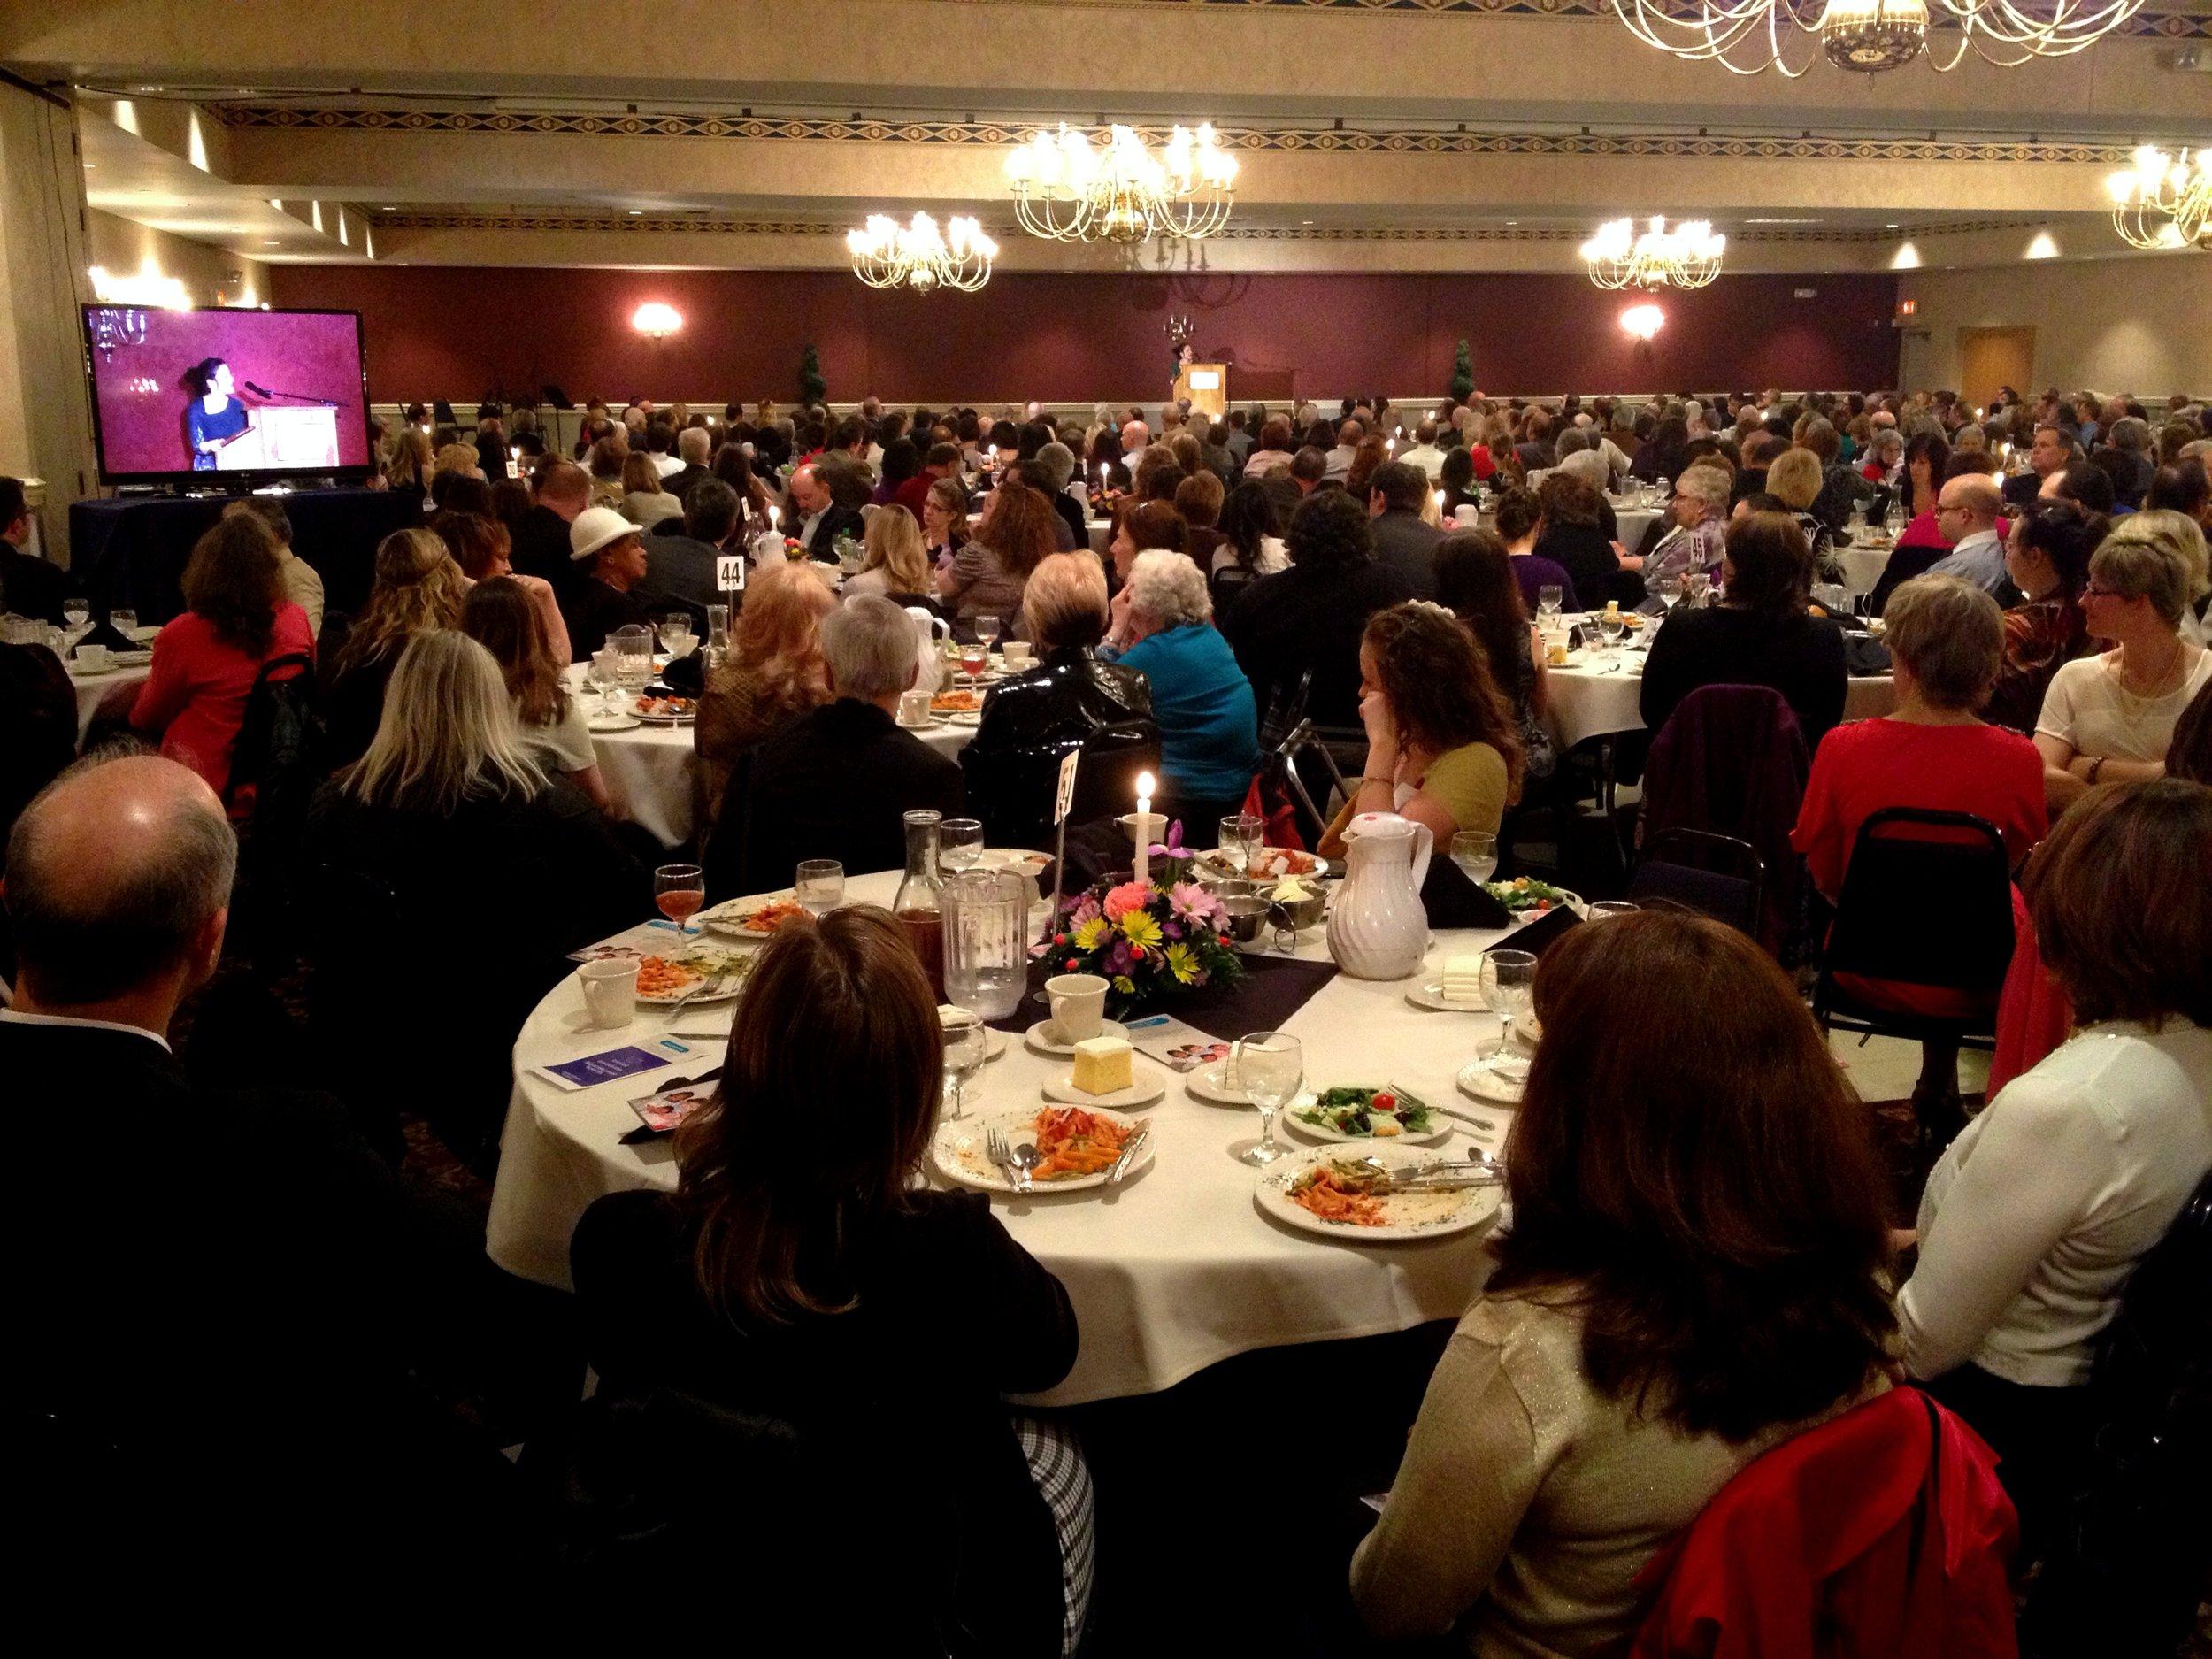 Gianna Jessen sharing at an AIM Women's Center event near Steubenville.